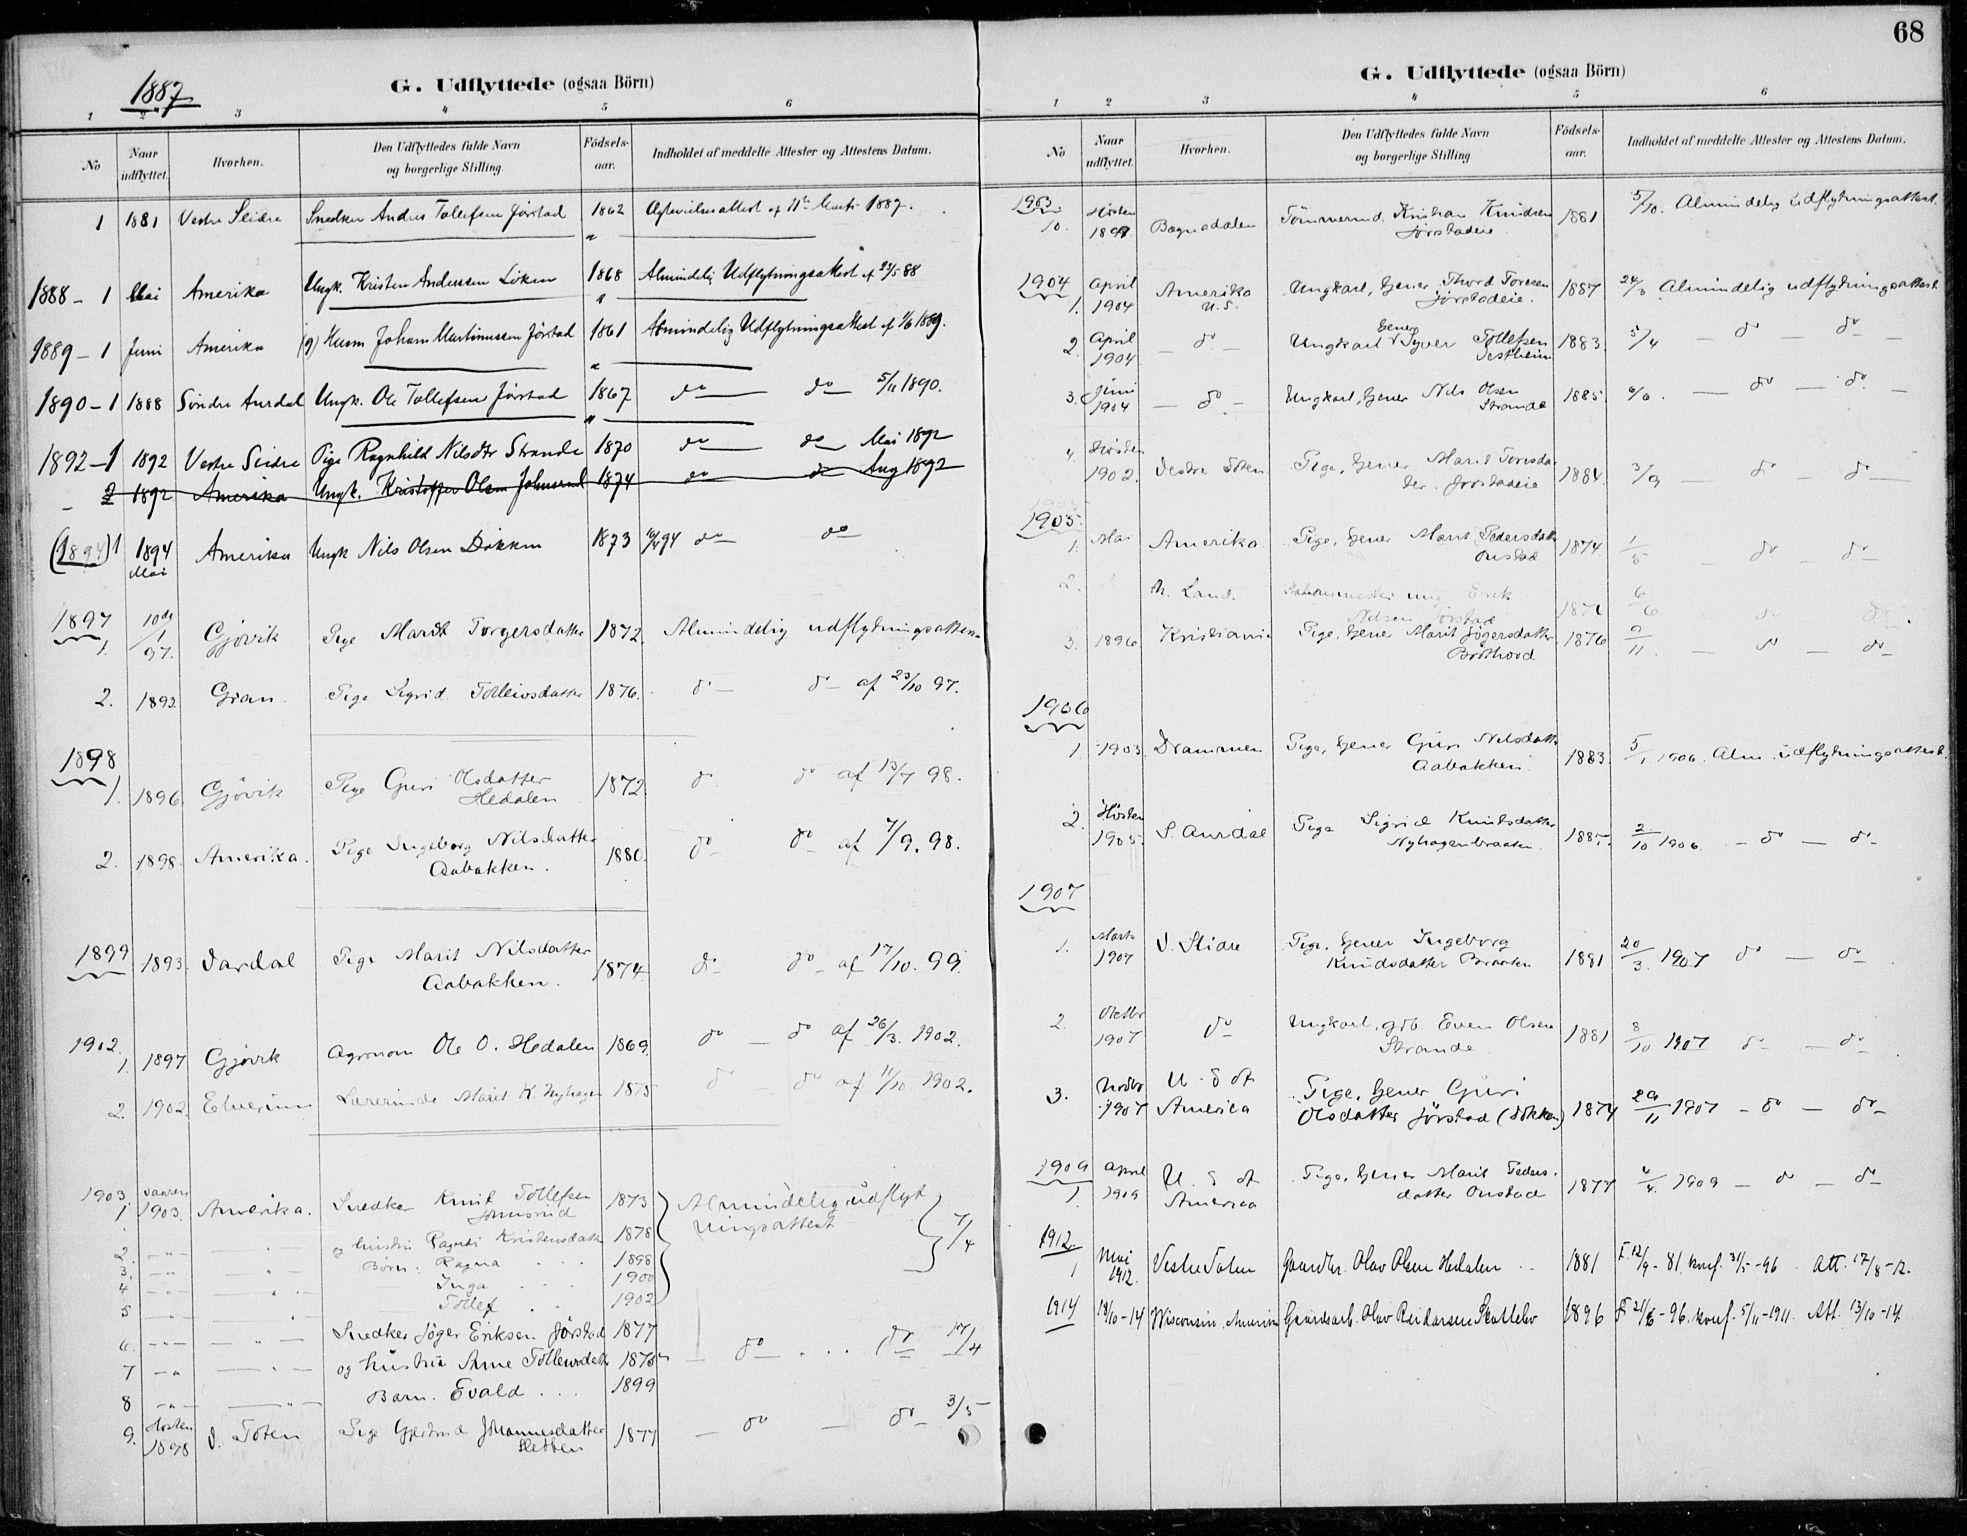 SAH, Øystre Slidre prestekontor, Ministerialbok nr. 5, 1887-1916, s. 68